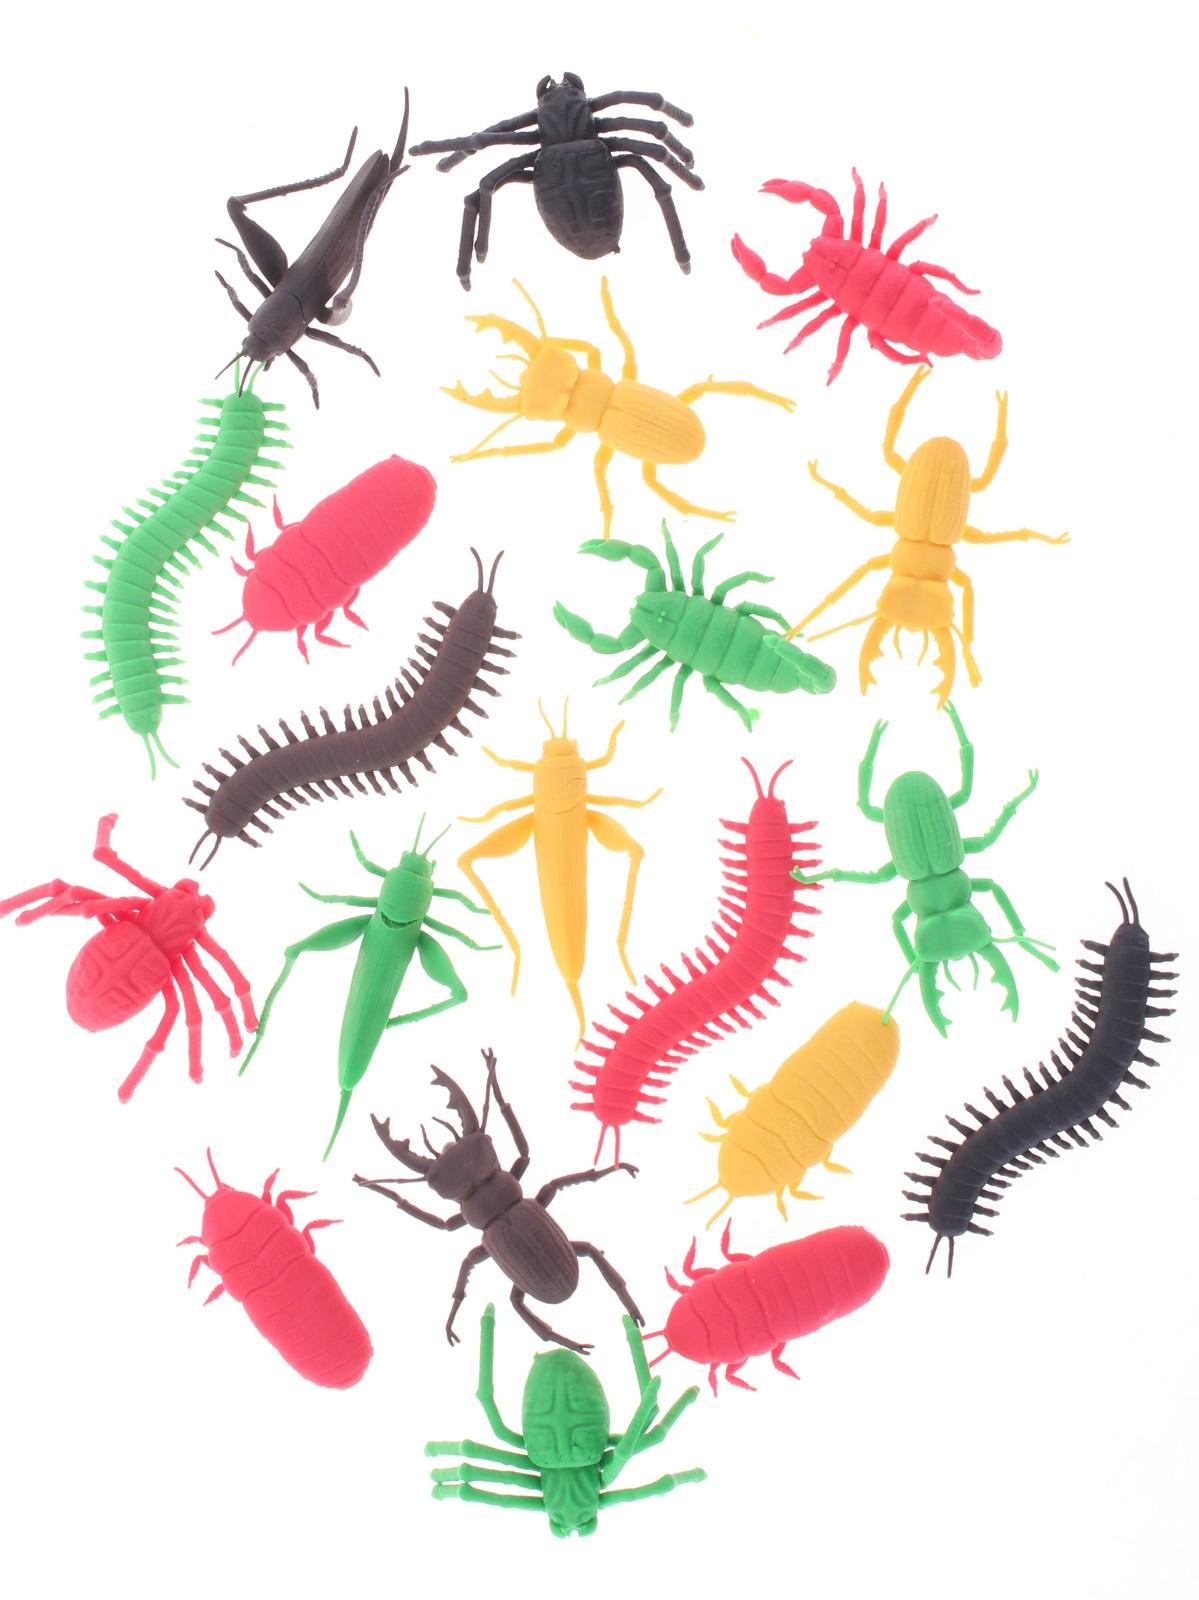 Набор фигурок Радужки Насекомые для ванной, 20 шт игровые фигурки s s toys набор насекомые 4 шт 7 см